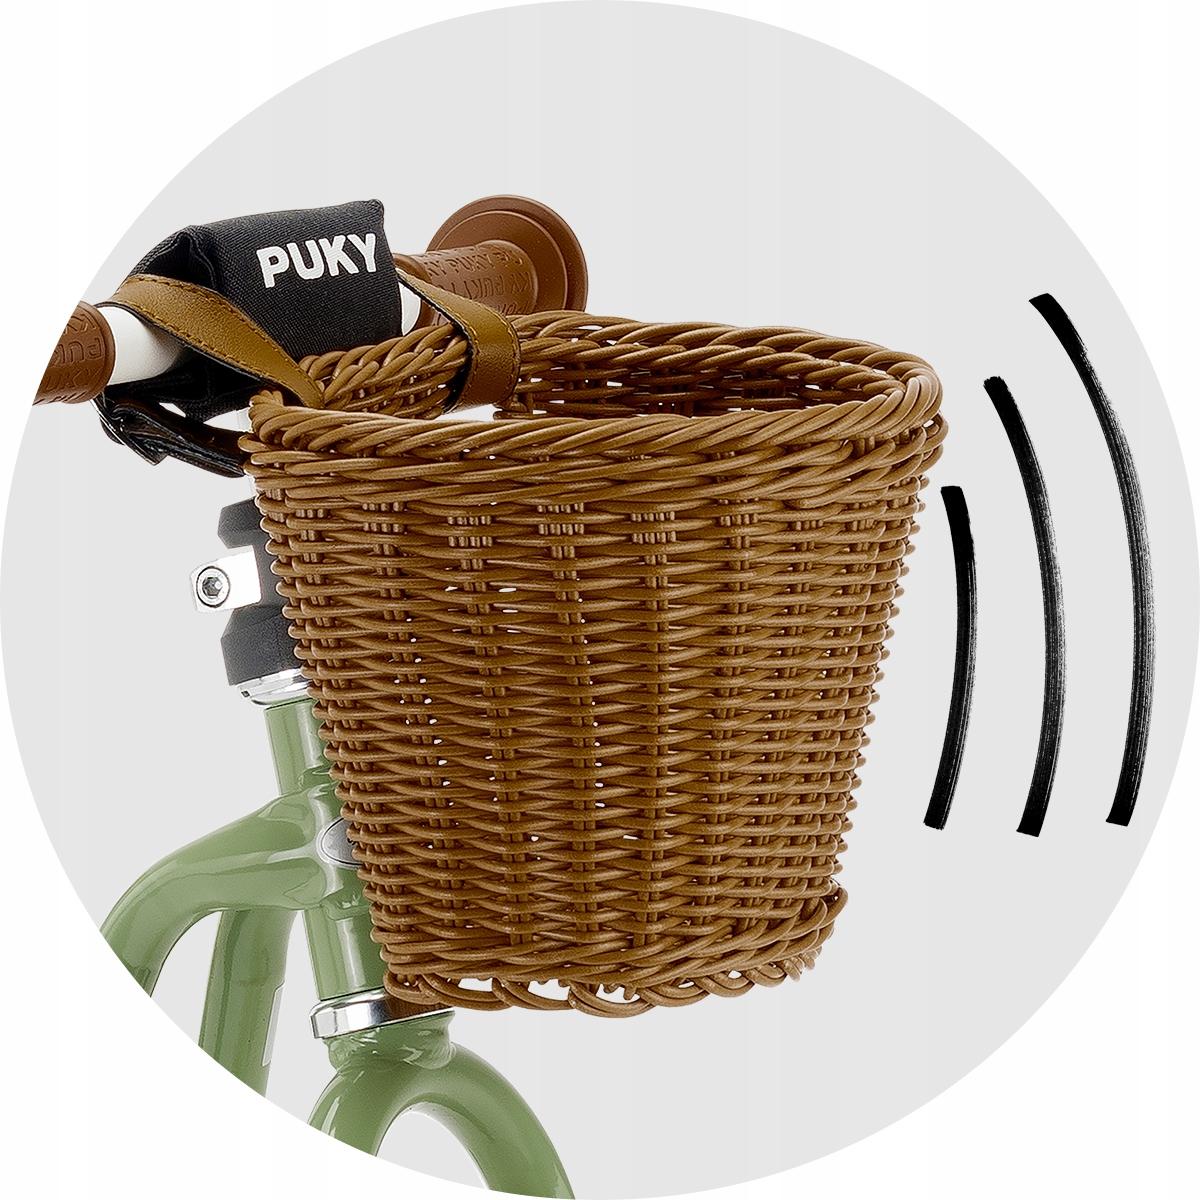 Rowerek biegowy PUKY LR M antracyt koszyk 3099 Marka Puky